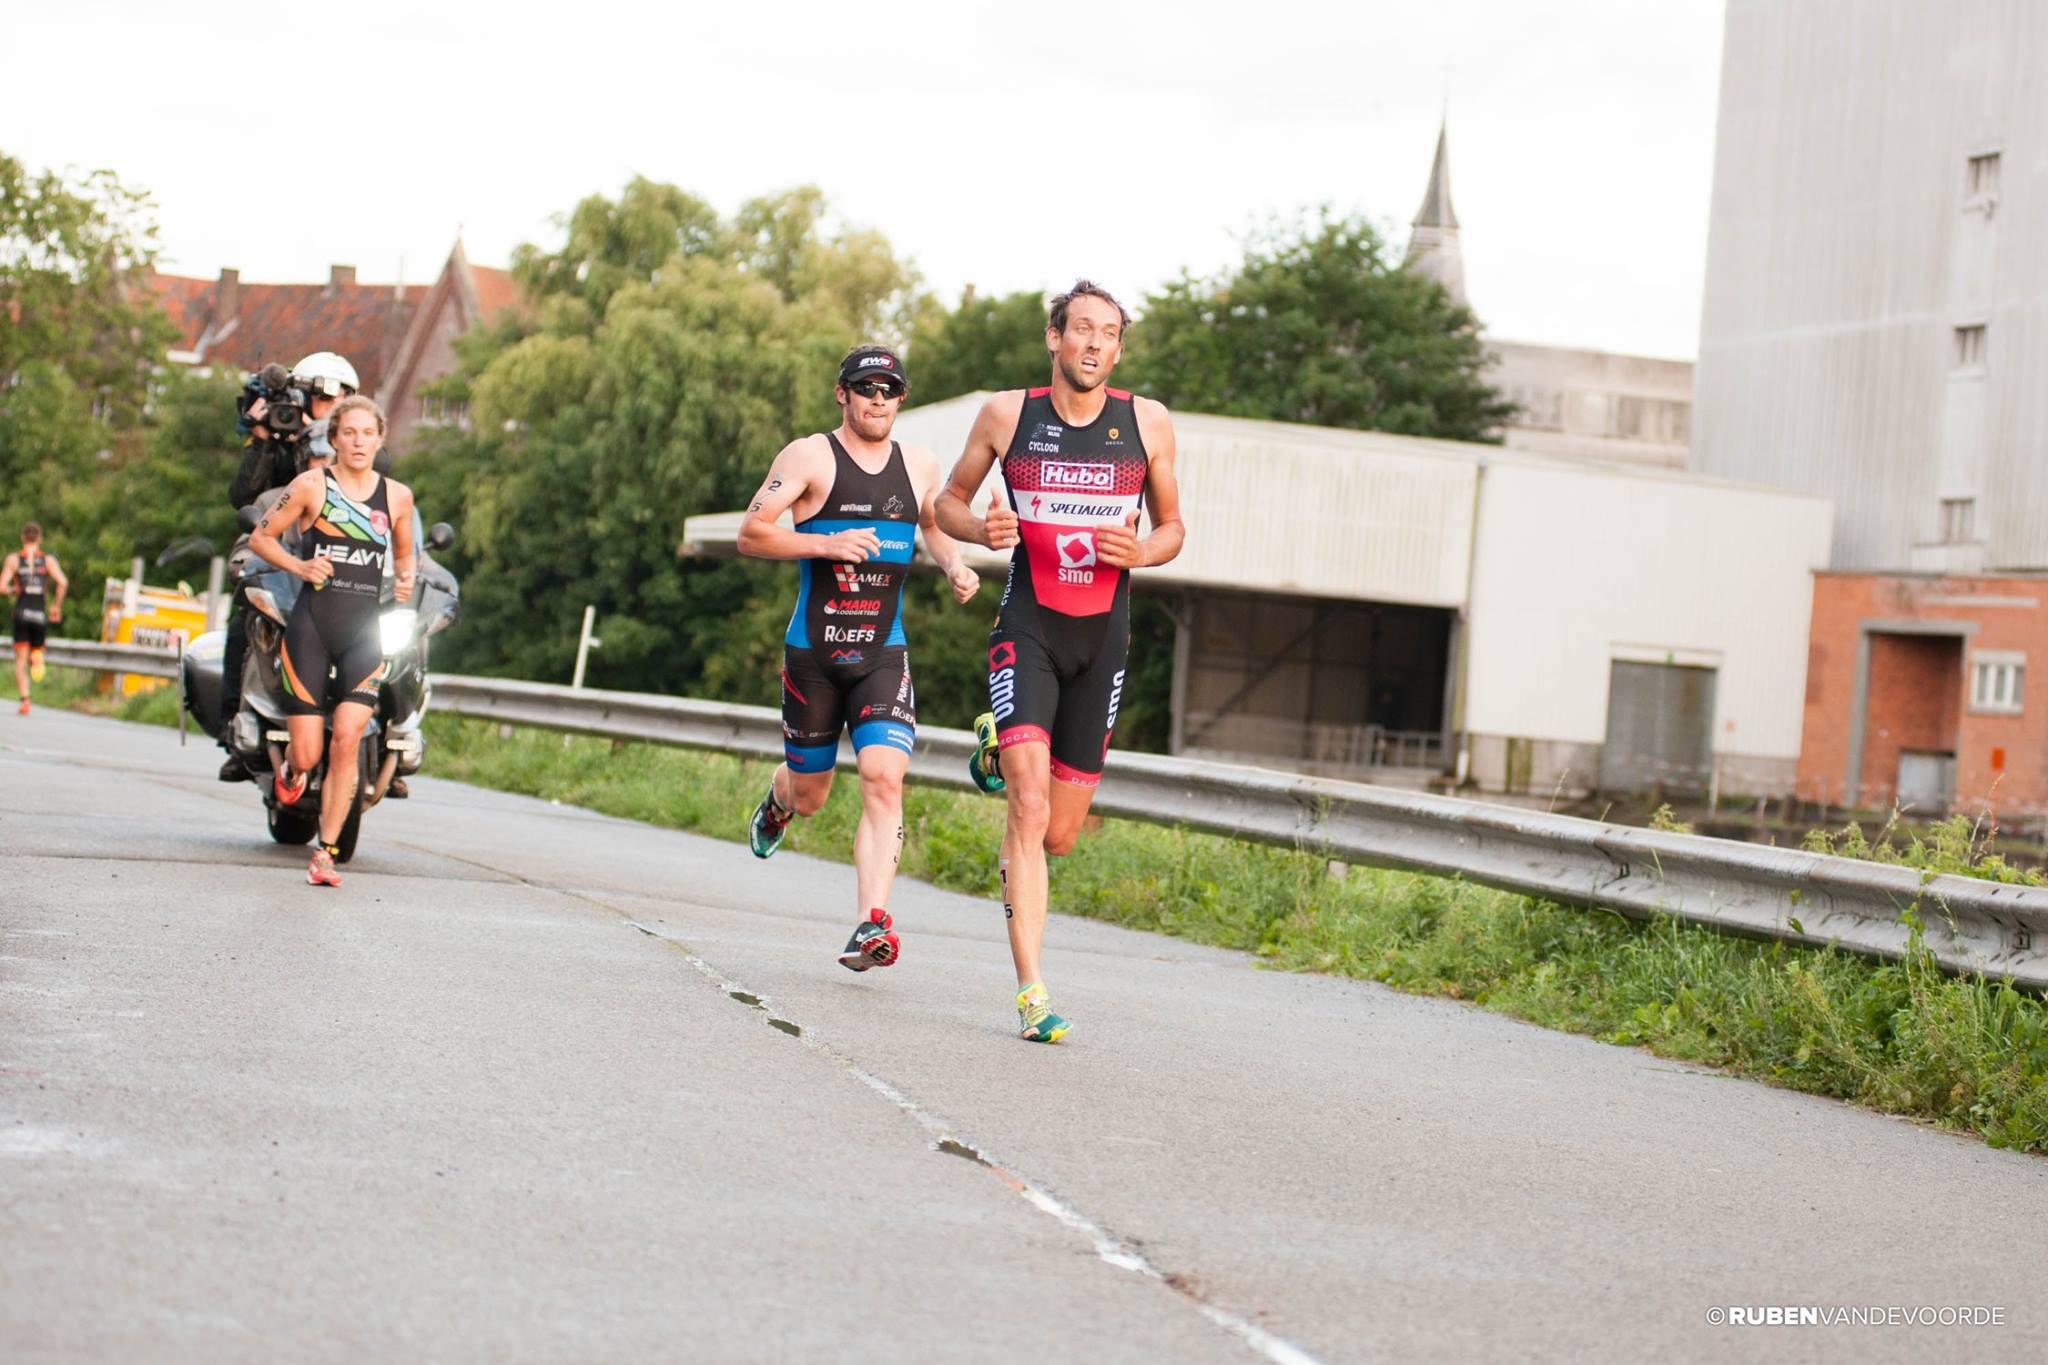 Valerie Barthelemy aan kop, voor haar Krug en Akershoek (foto: Ruben Vandevoorde)